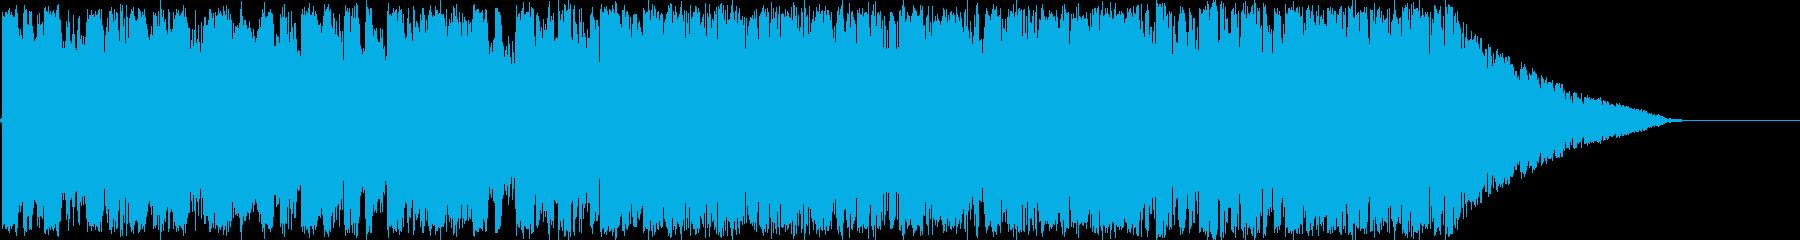 明るく楽しいイメージのBGMです。の再生済みの波形